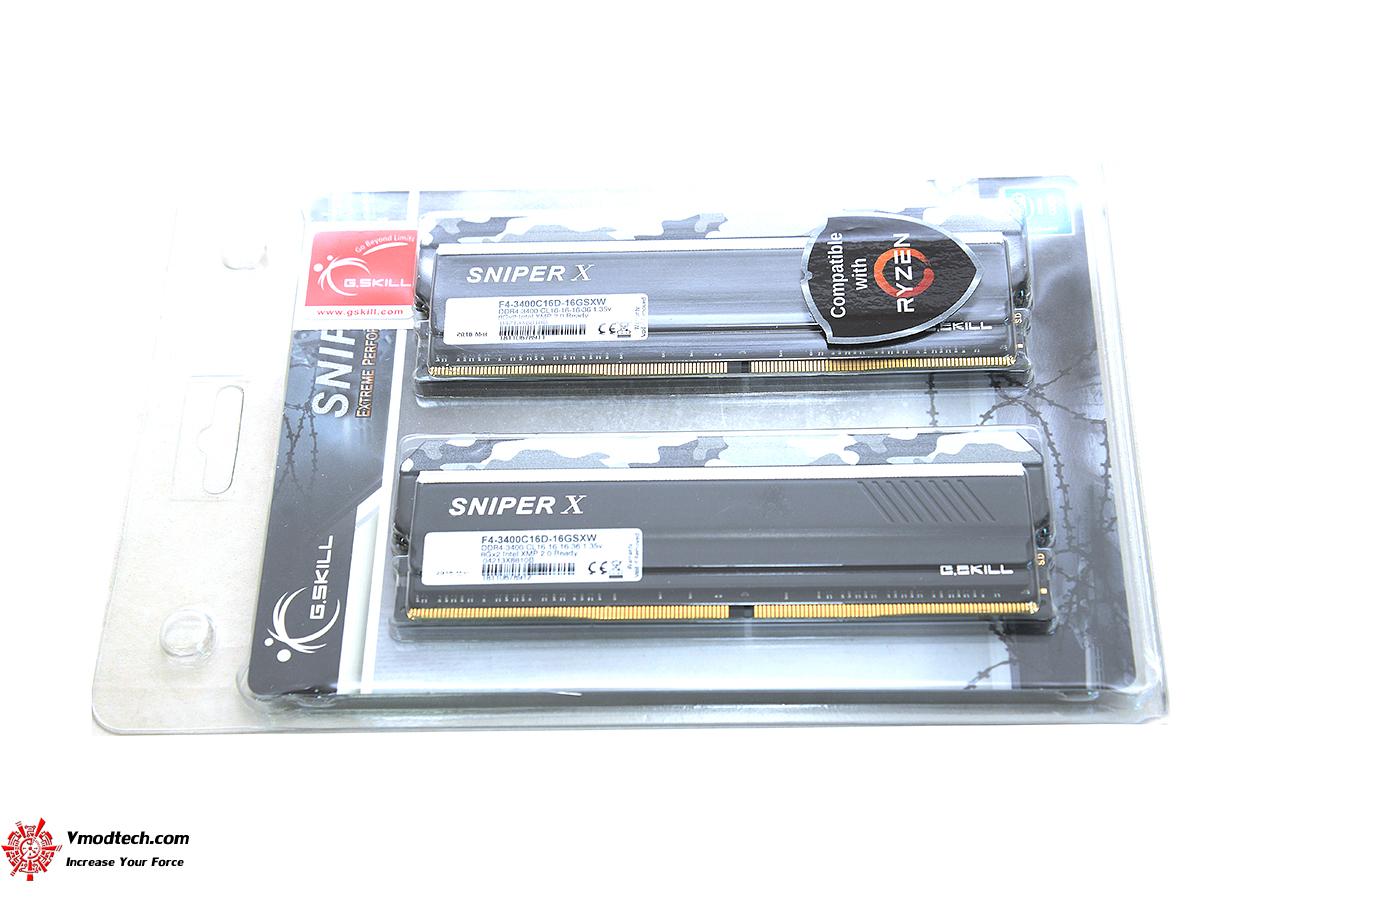 dsc 1441 G.SKILL SNIPER X DDR4 3400Mhz 16GB F4 3400C16D 16GSXW REVIEW